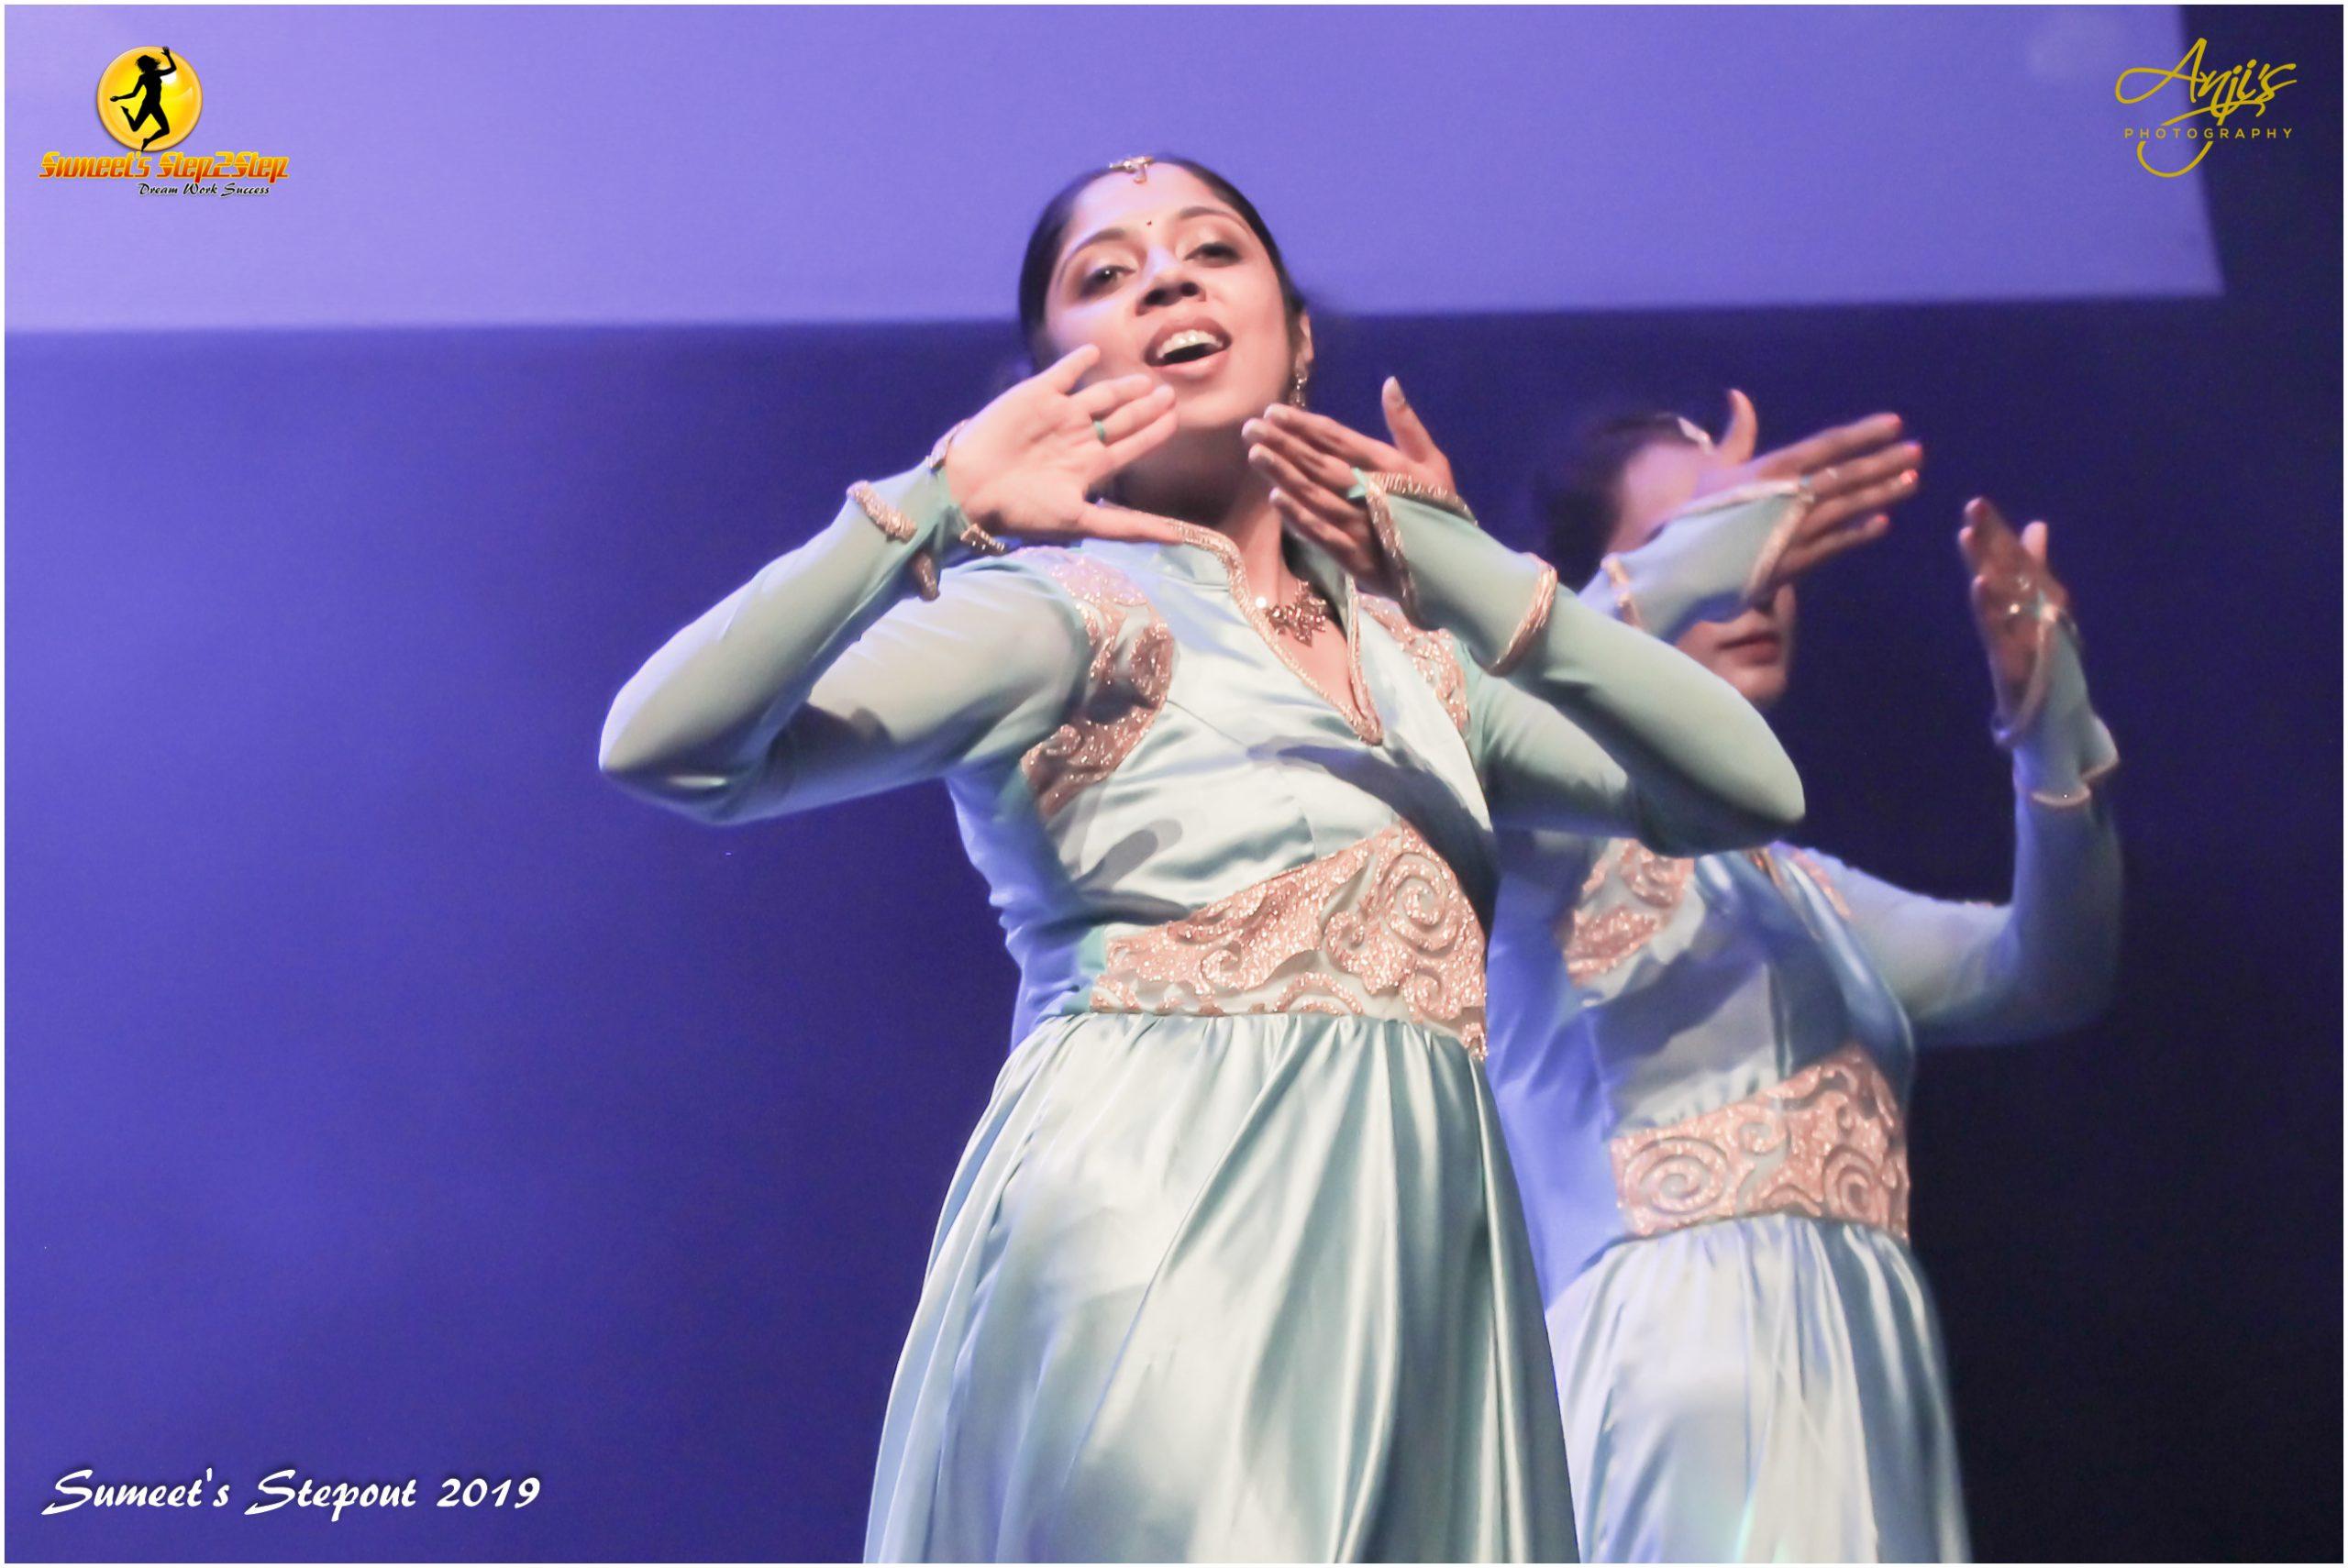 Islington bollywood dance